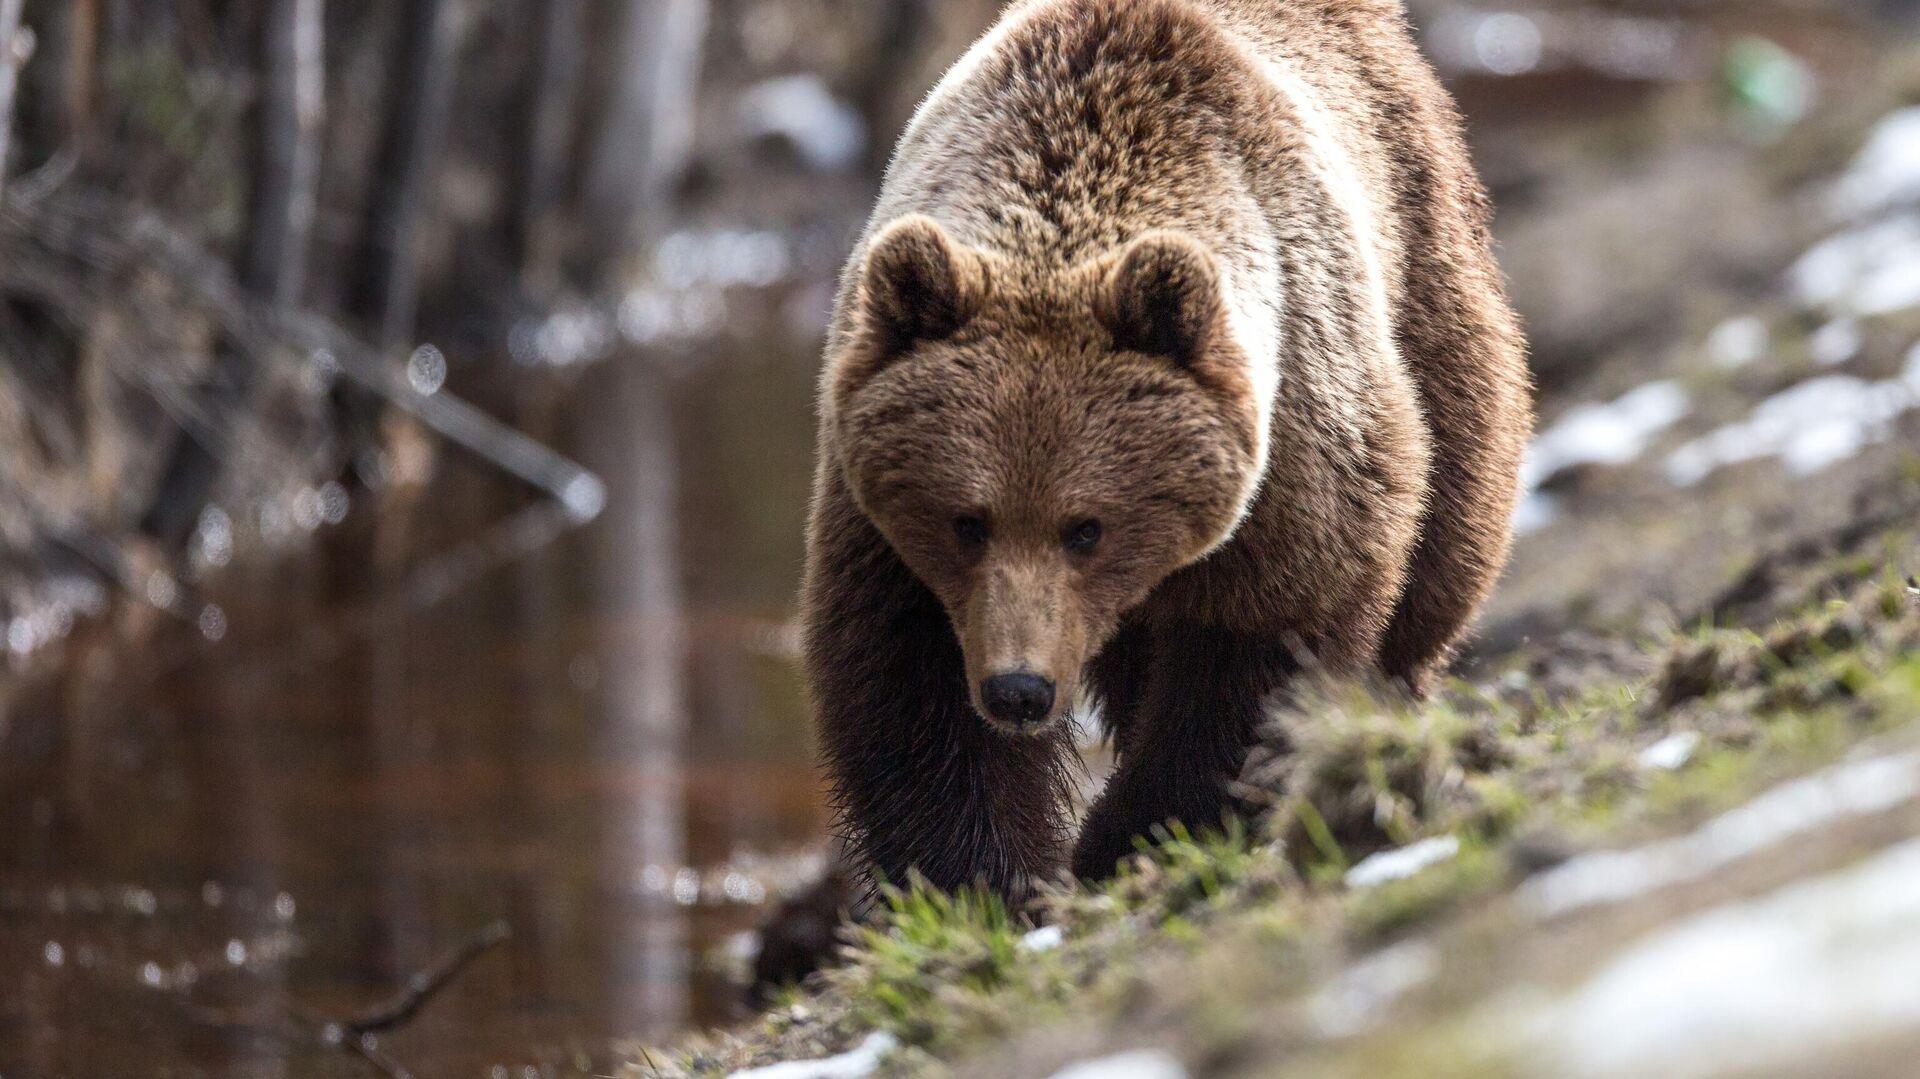 Бурый медведь после зимней спячки в Карелии - РИА Новости, 1920, 28.07.2021